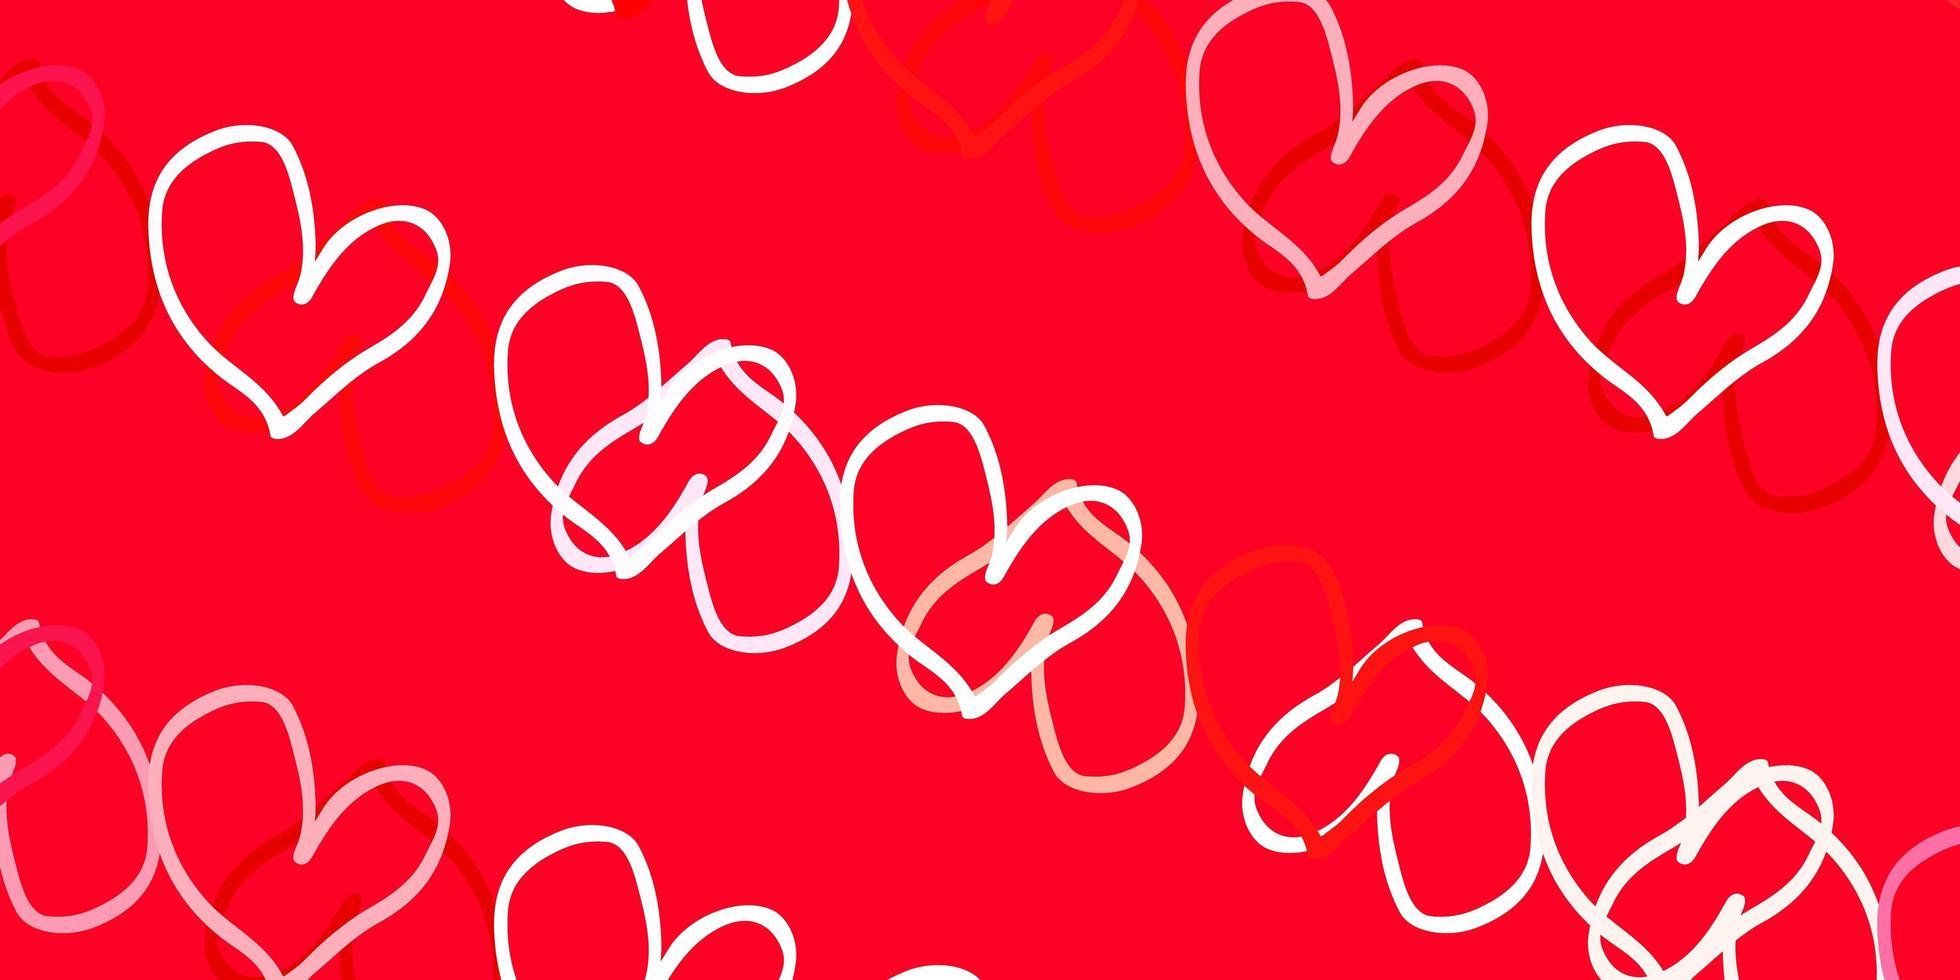 trama vettoriale rosso chiaro con cuori adorabili.